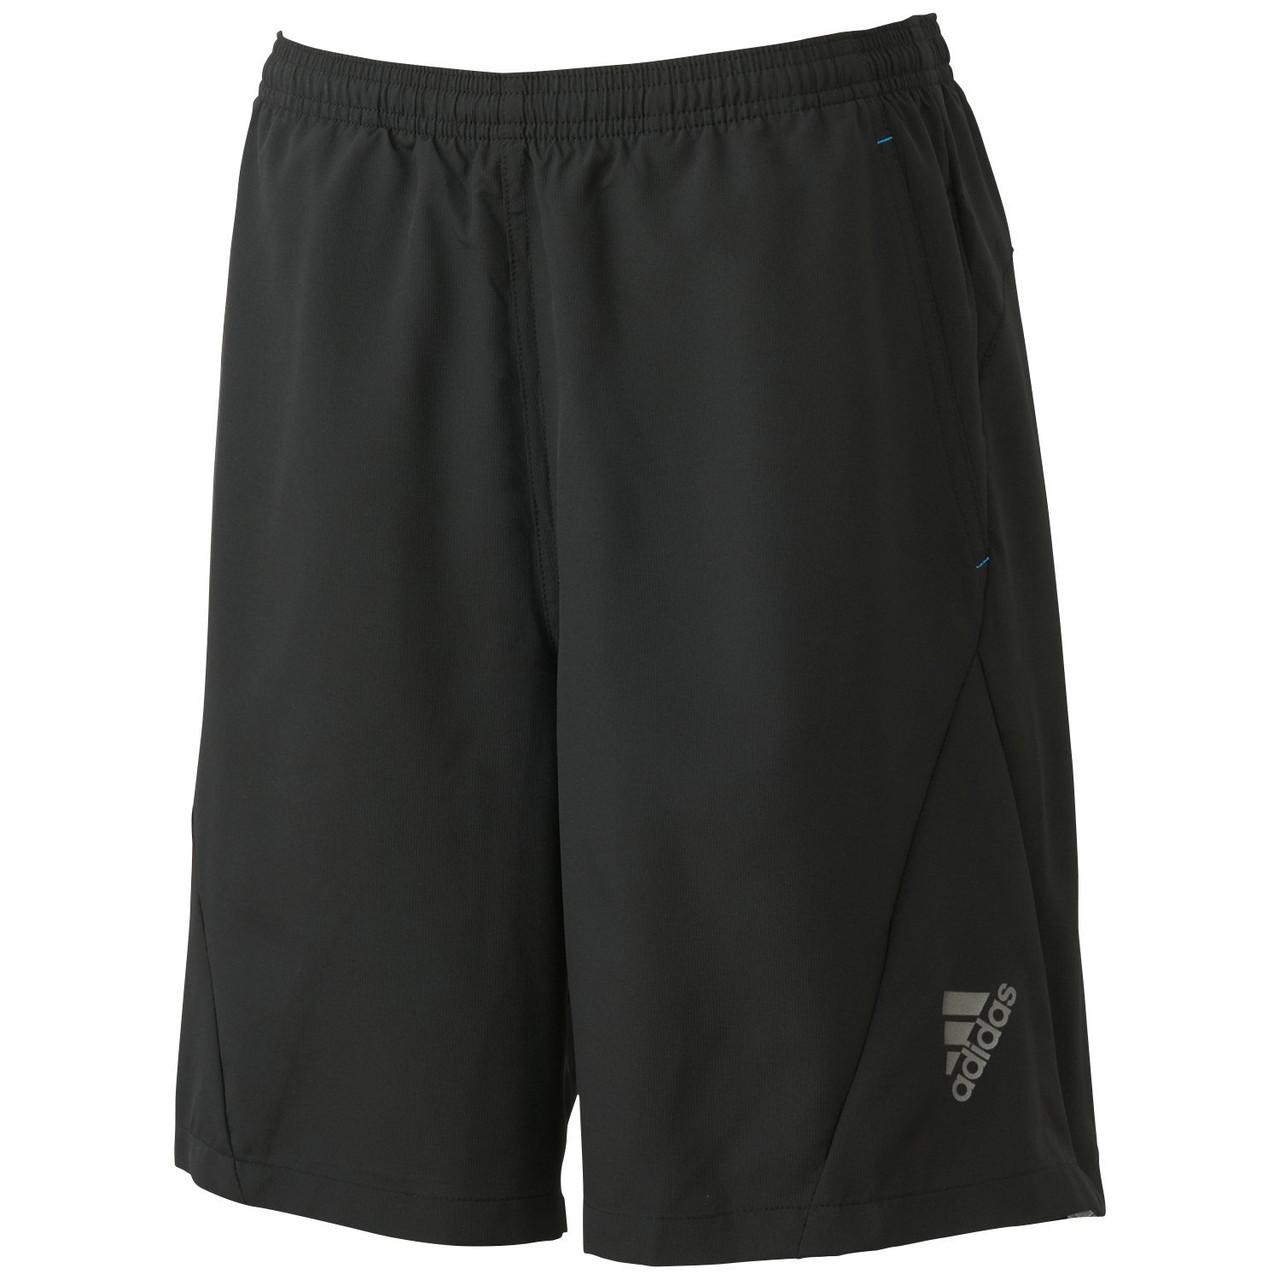 Шорты спортивные, мужские adidas D82226 Men's CLIMA Shorts адидас